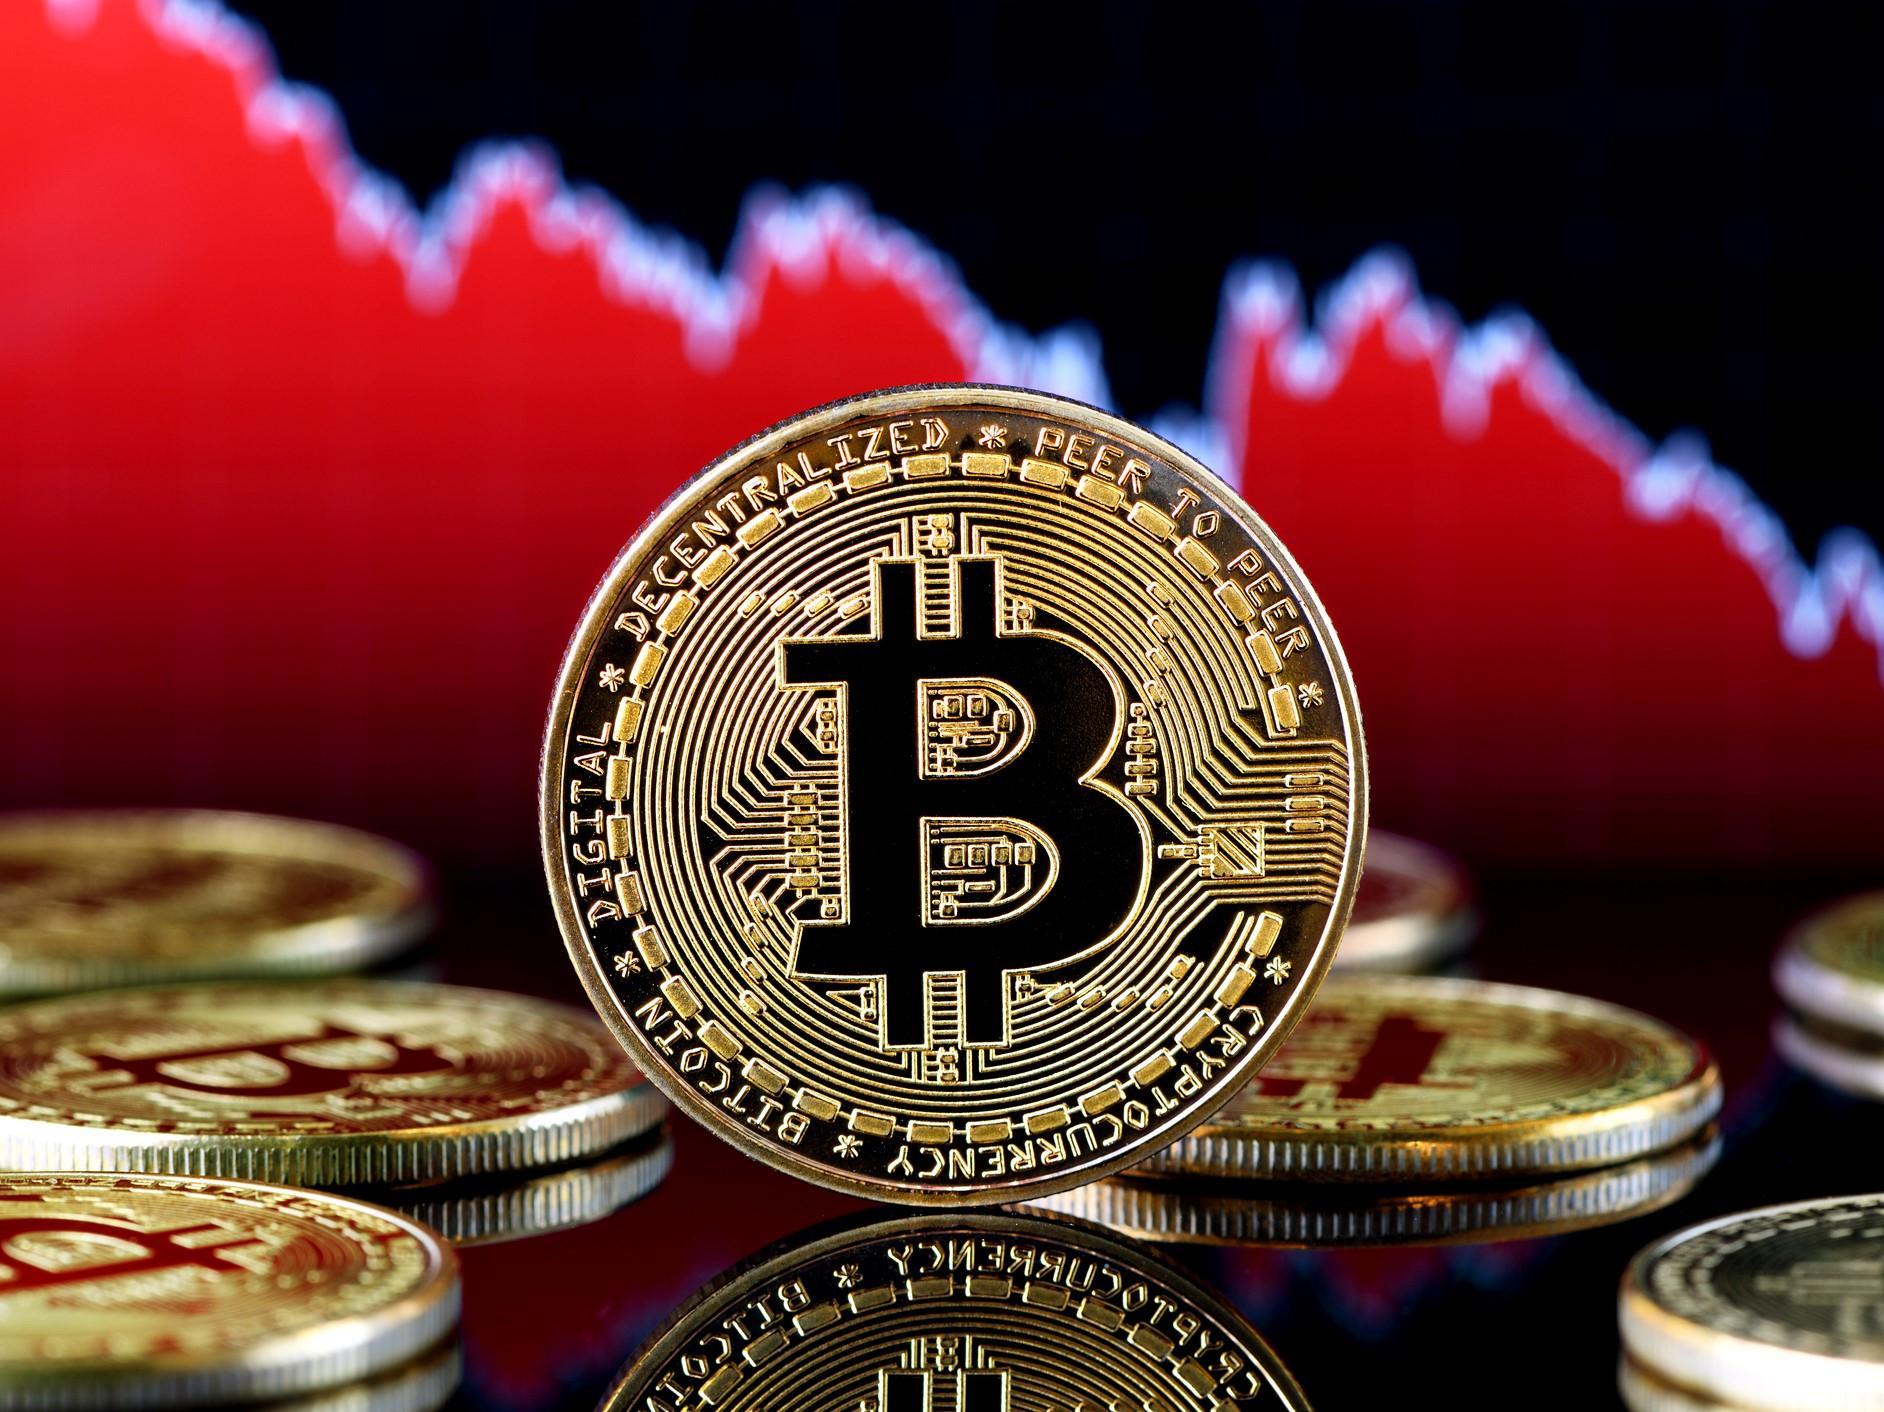 Kripto Para Borsalarında Dip Avcılığı: Tarihi Bitcoin (BTC) Tasfiyesi  Sonrası Yaşanan Gelişmeler - Coinkolik